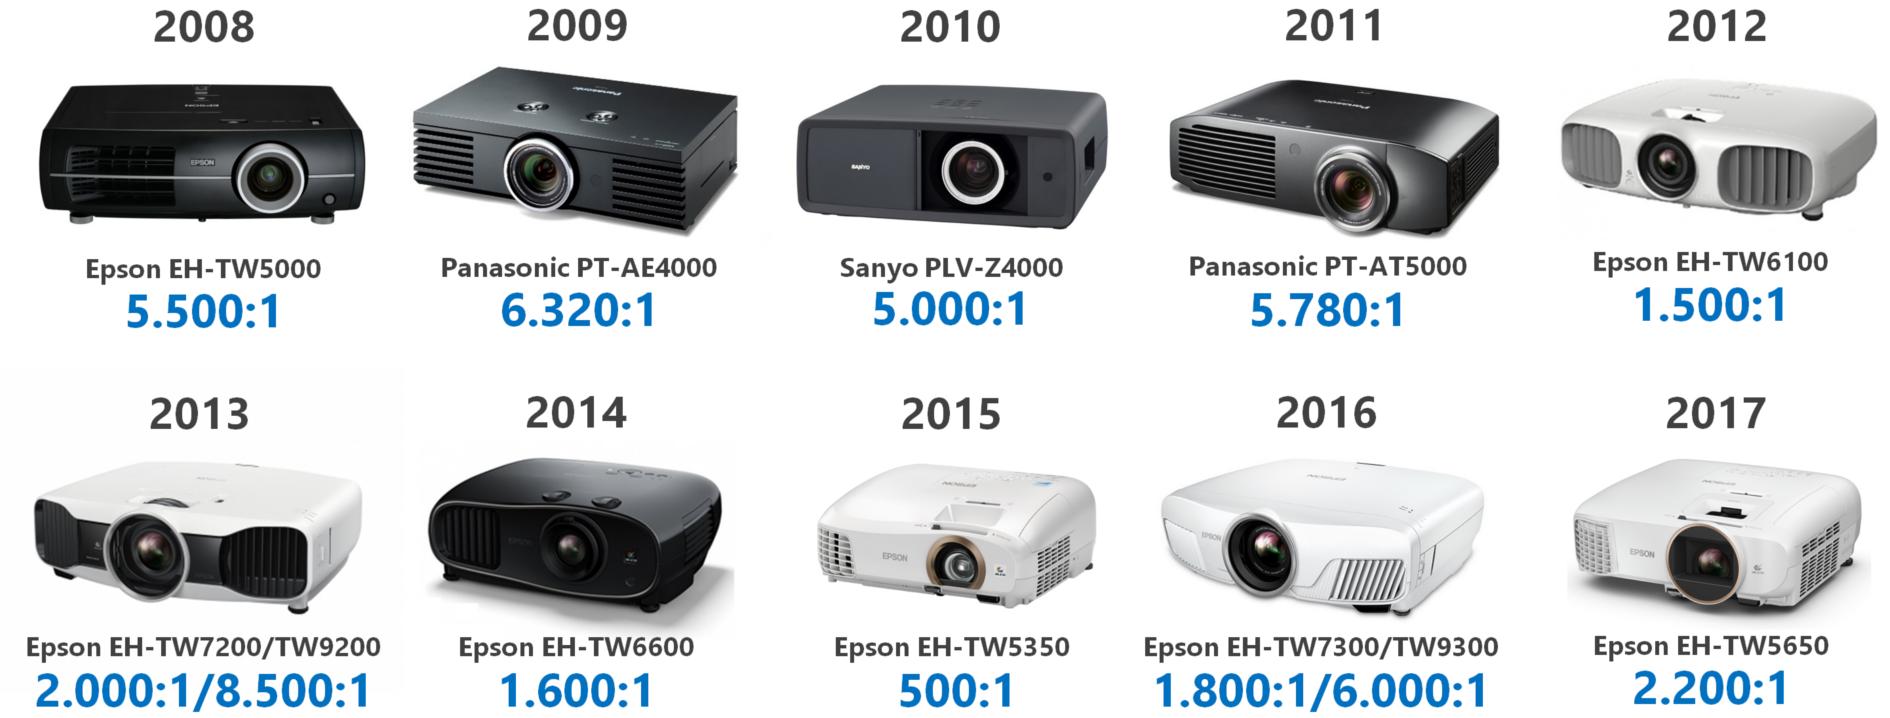 Gebrauchter oder neuer Beamer-Kaufberatung Beamer 2008 - 2017 - Epson, Panasonic und Sanyo Kontrast Vergleich